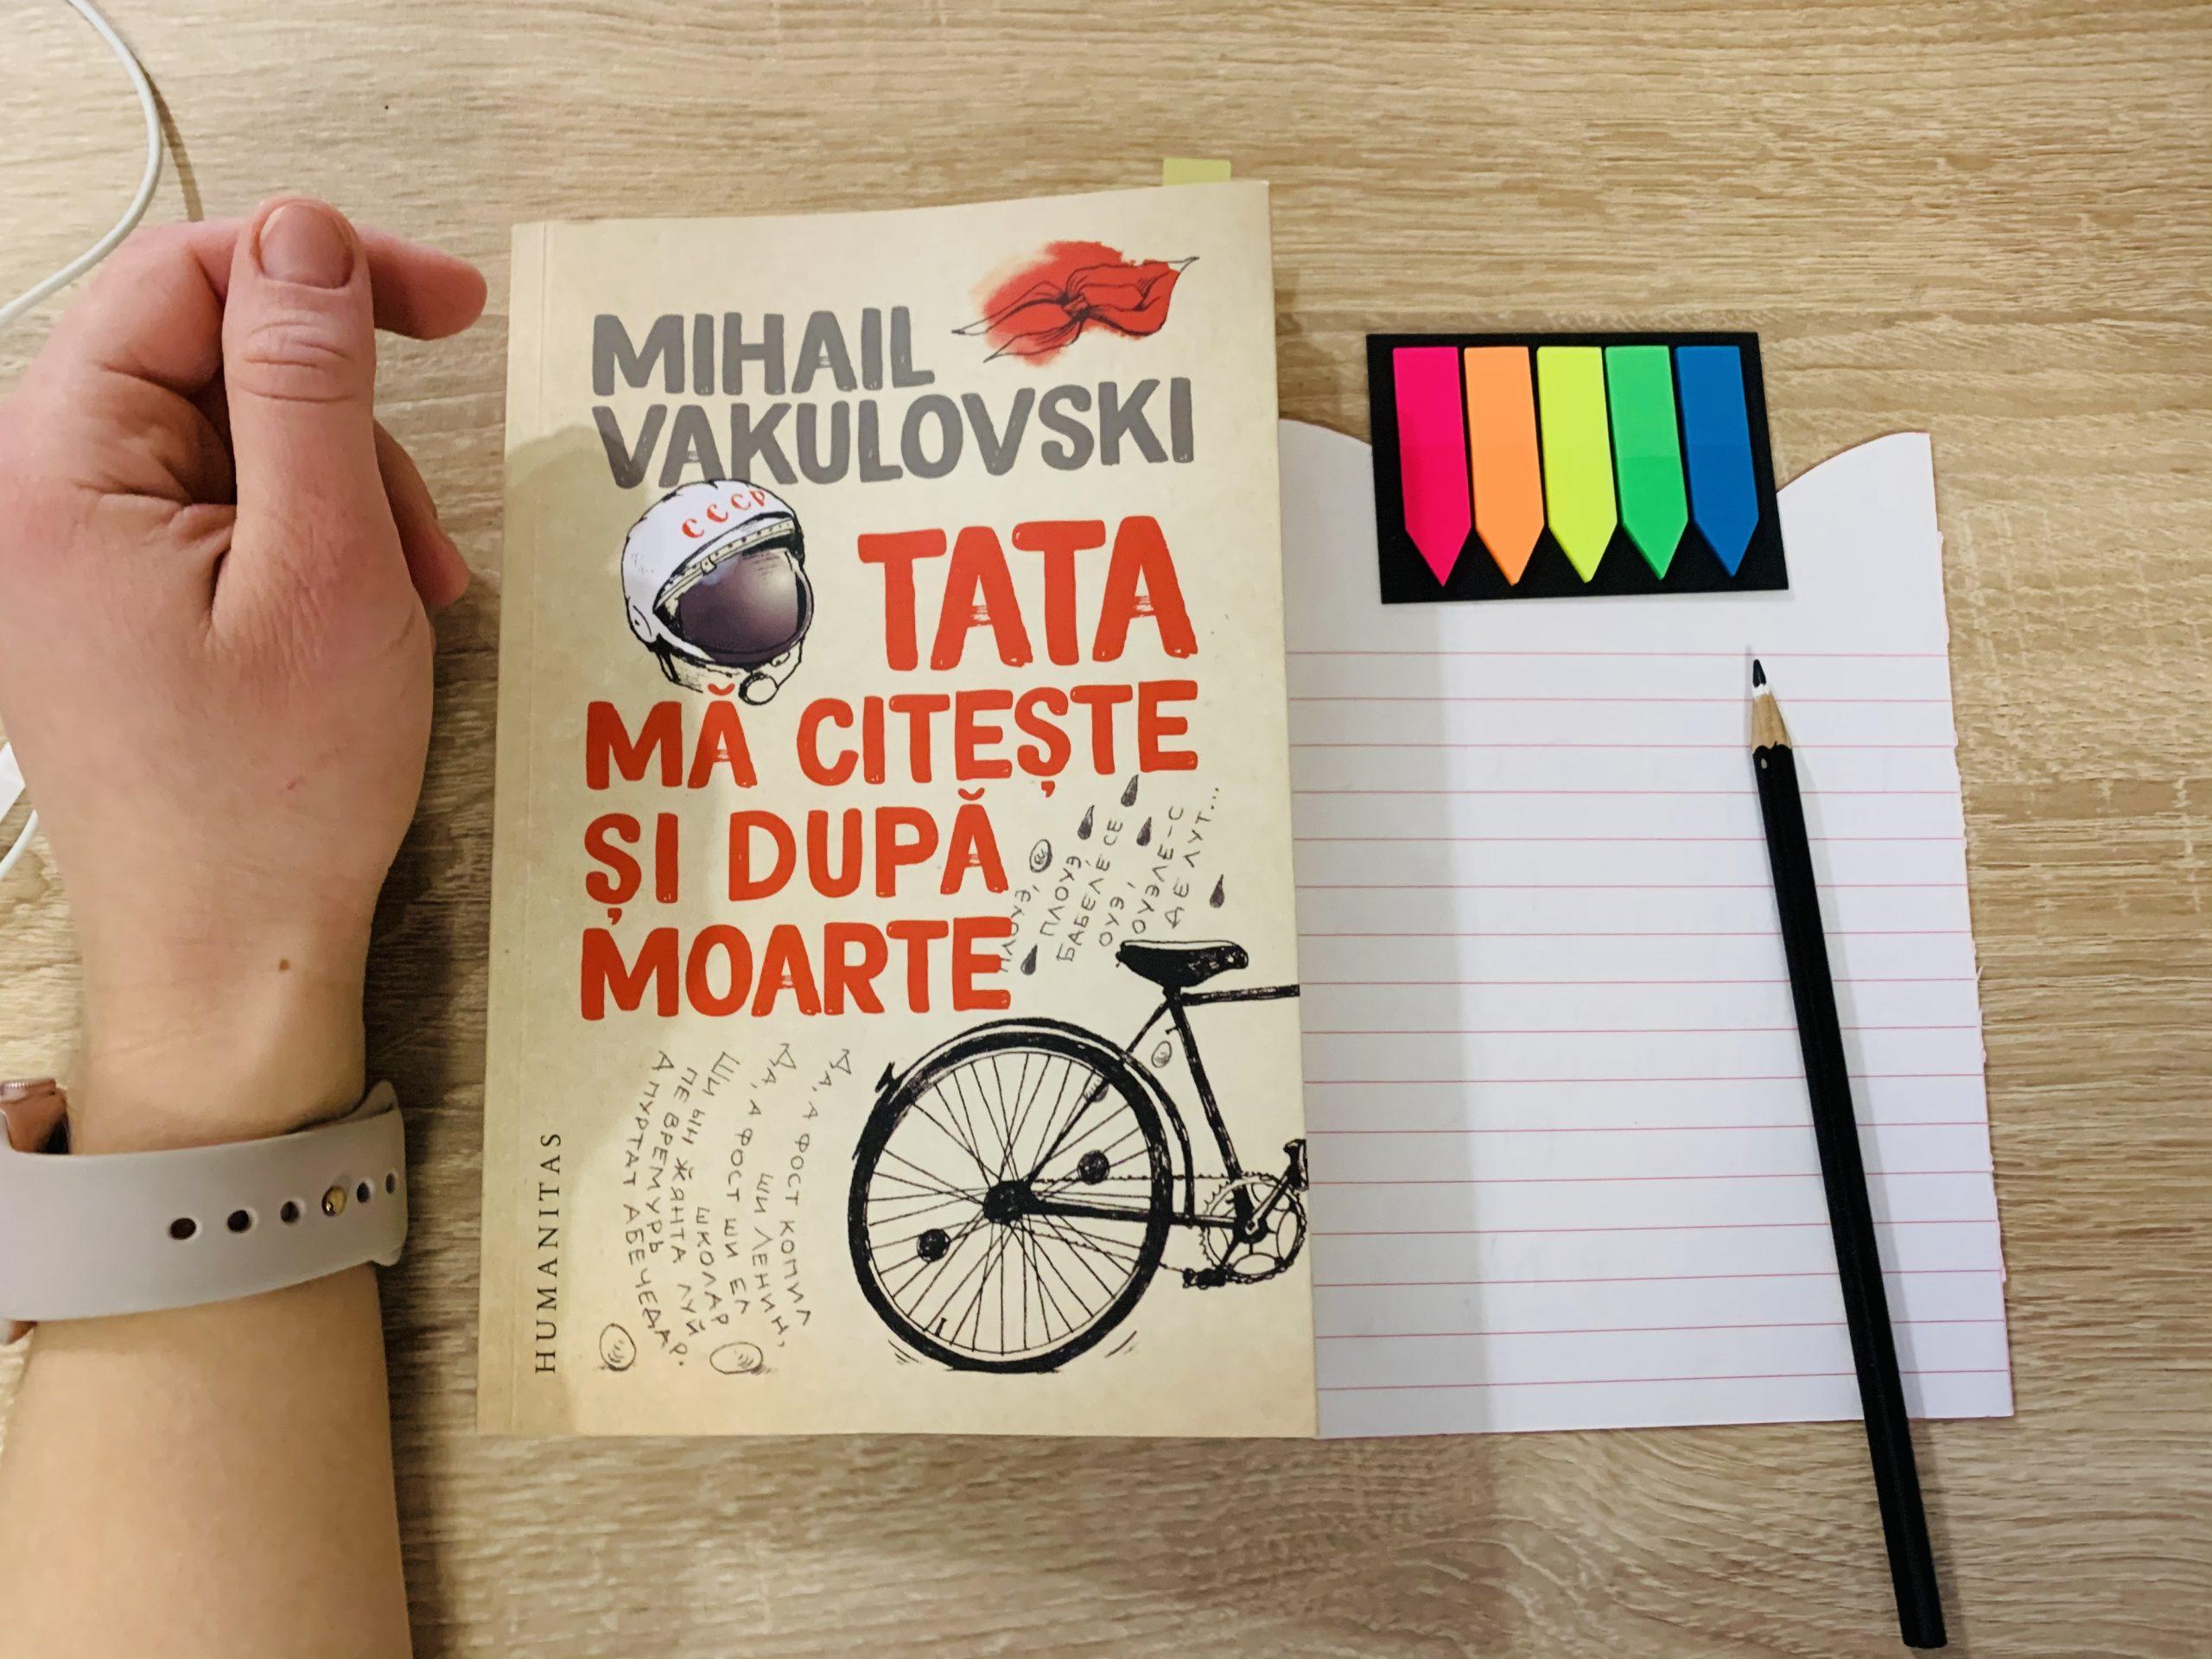 Tata mă citește și după moarte, Mihail Vakulovski